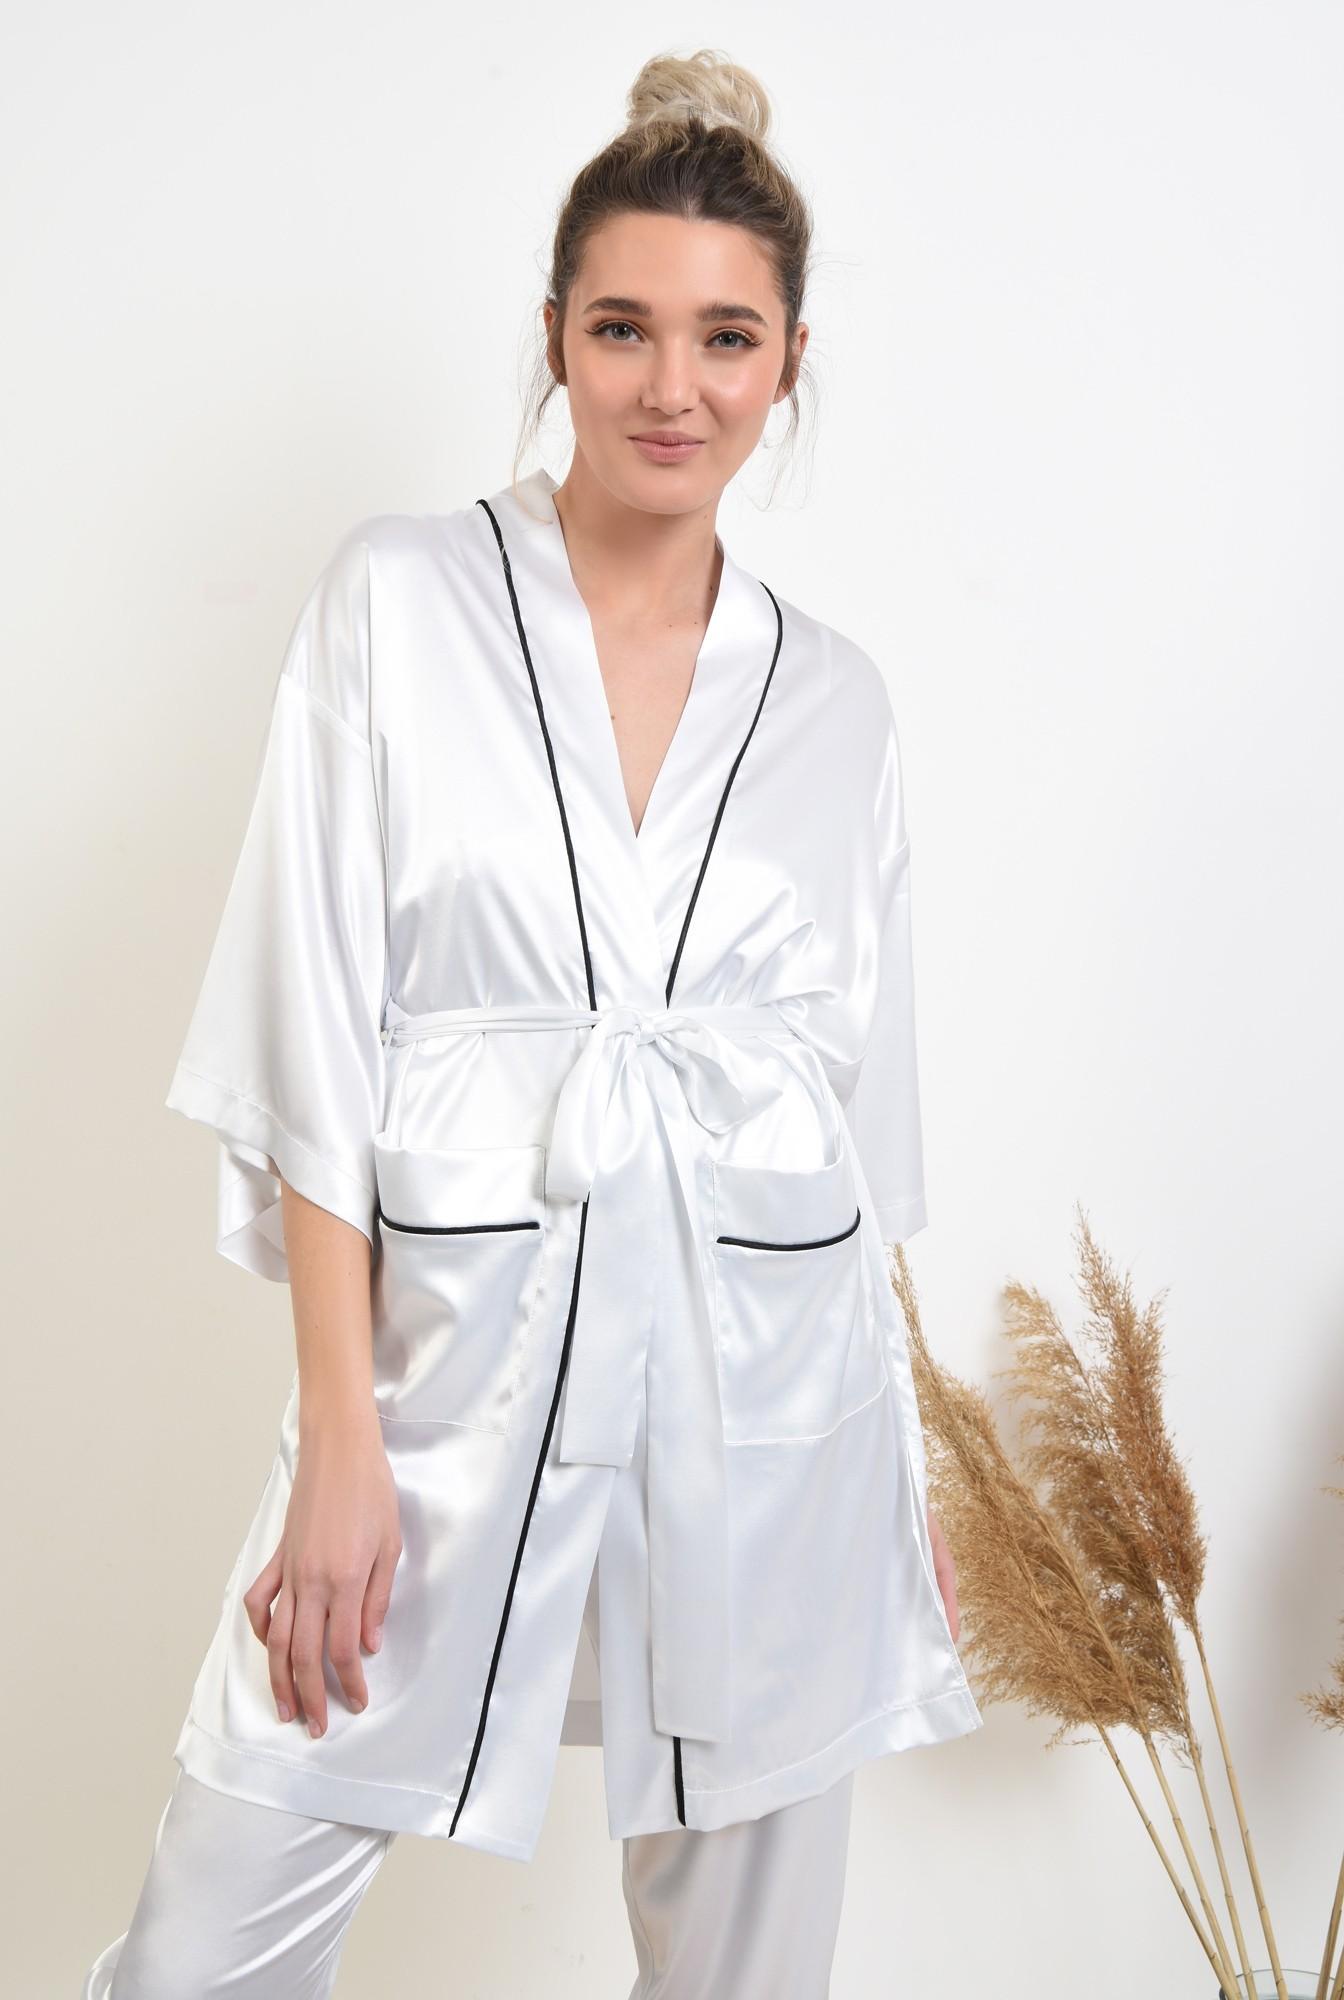 halat din satin, alb, cu insertii in contrast, cu buzunare, cu cordon